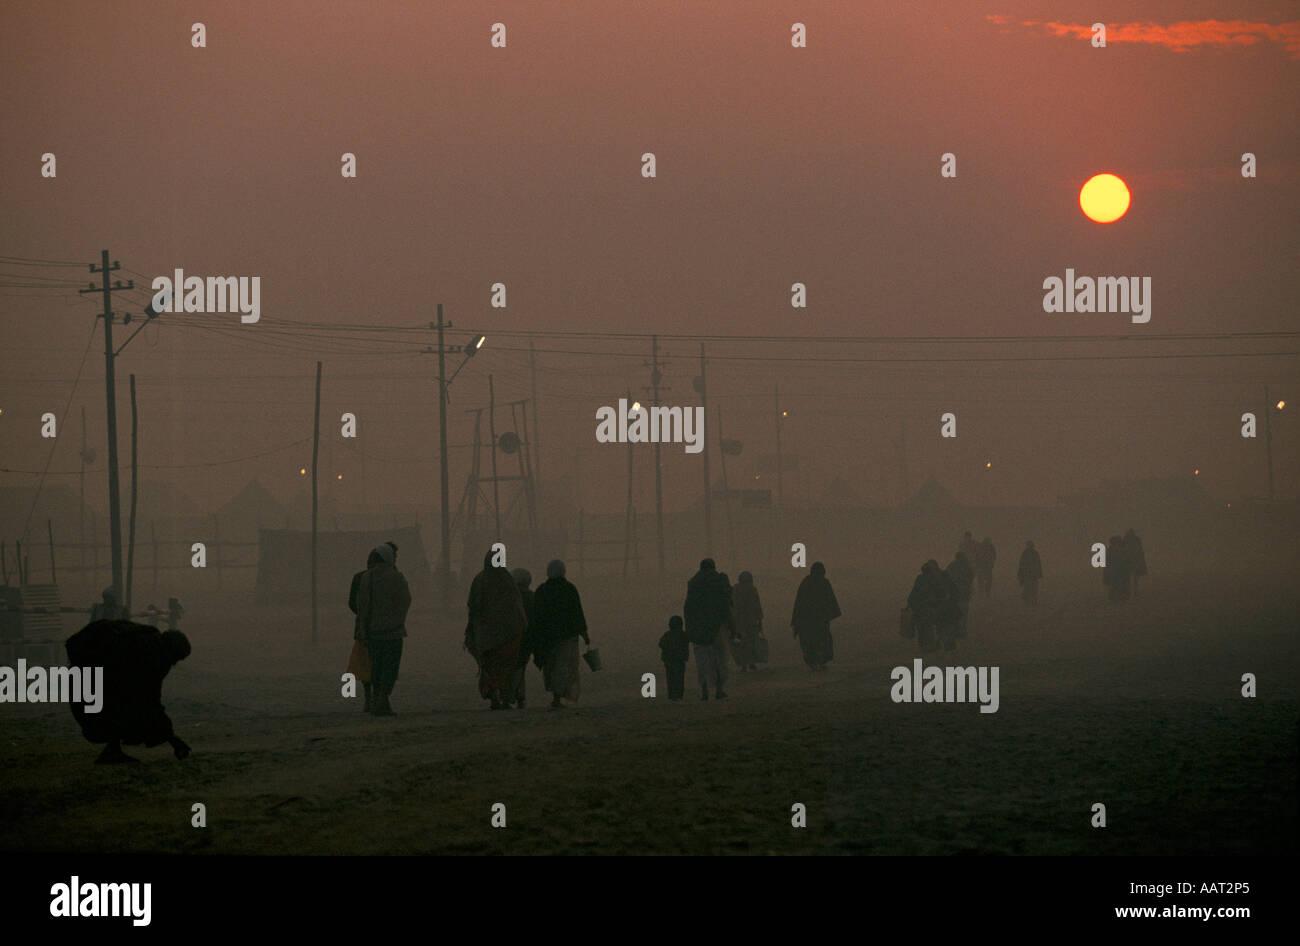 KUMBH MELA INDIA 2001 come il sole tramonta il fumo di fuochi di legno rende una spessa smog pellegrini tornare Foto Stock